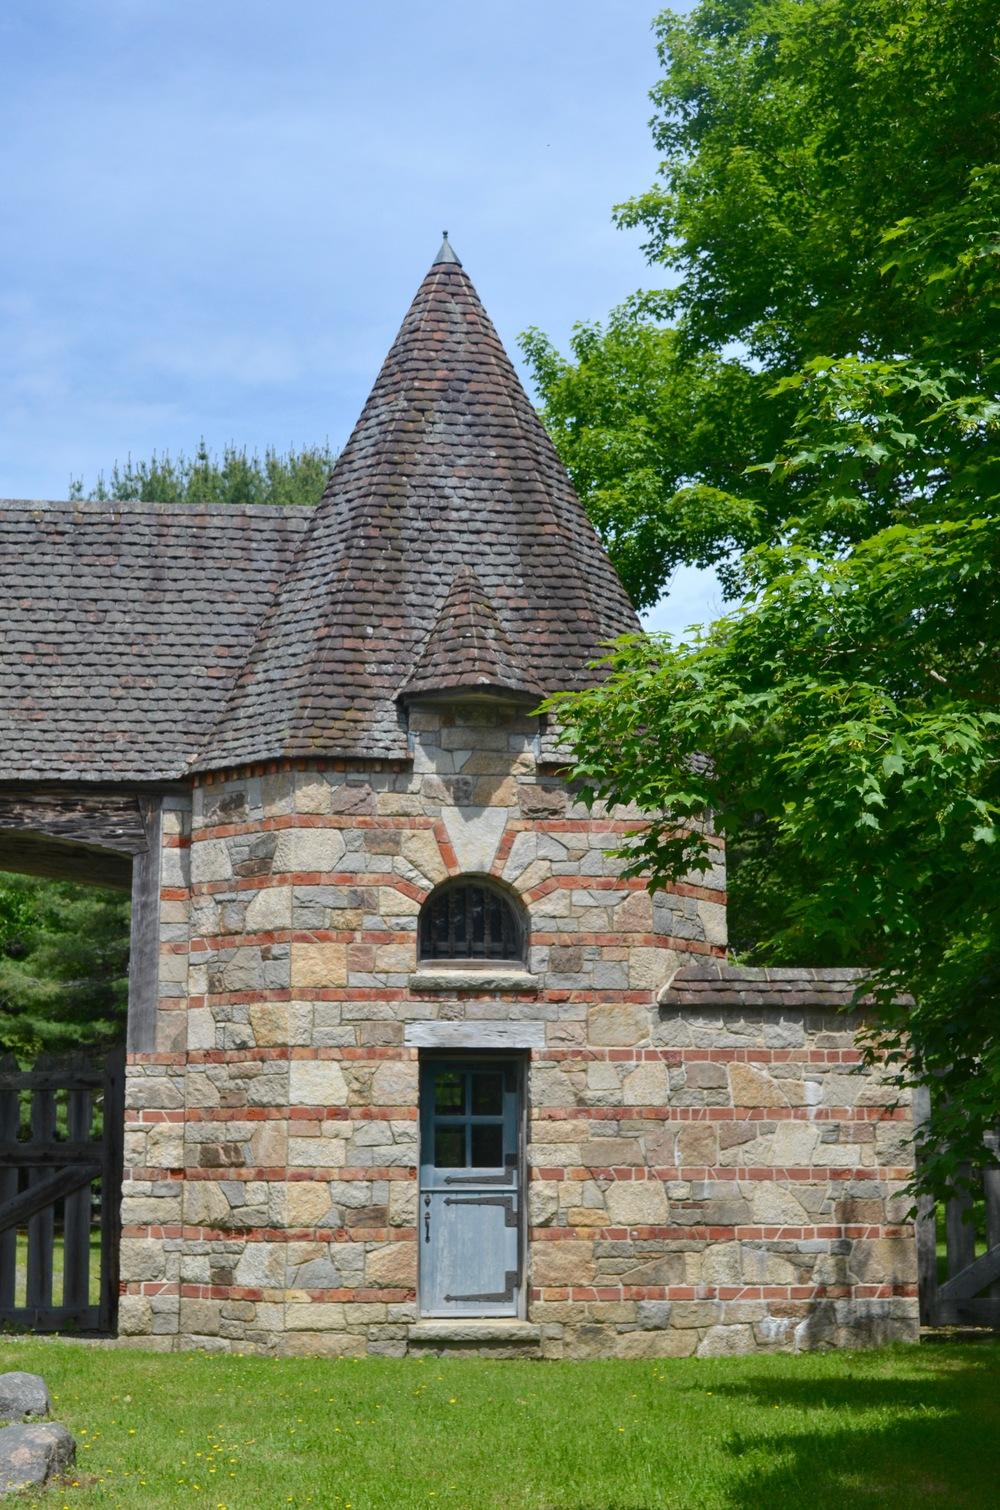 Jordan Pond Gate Lodge